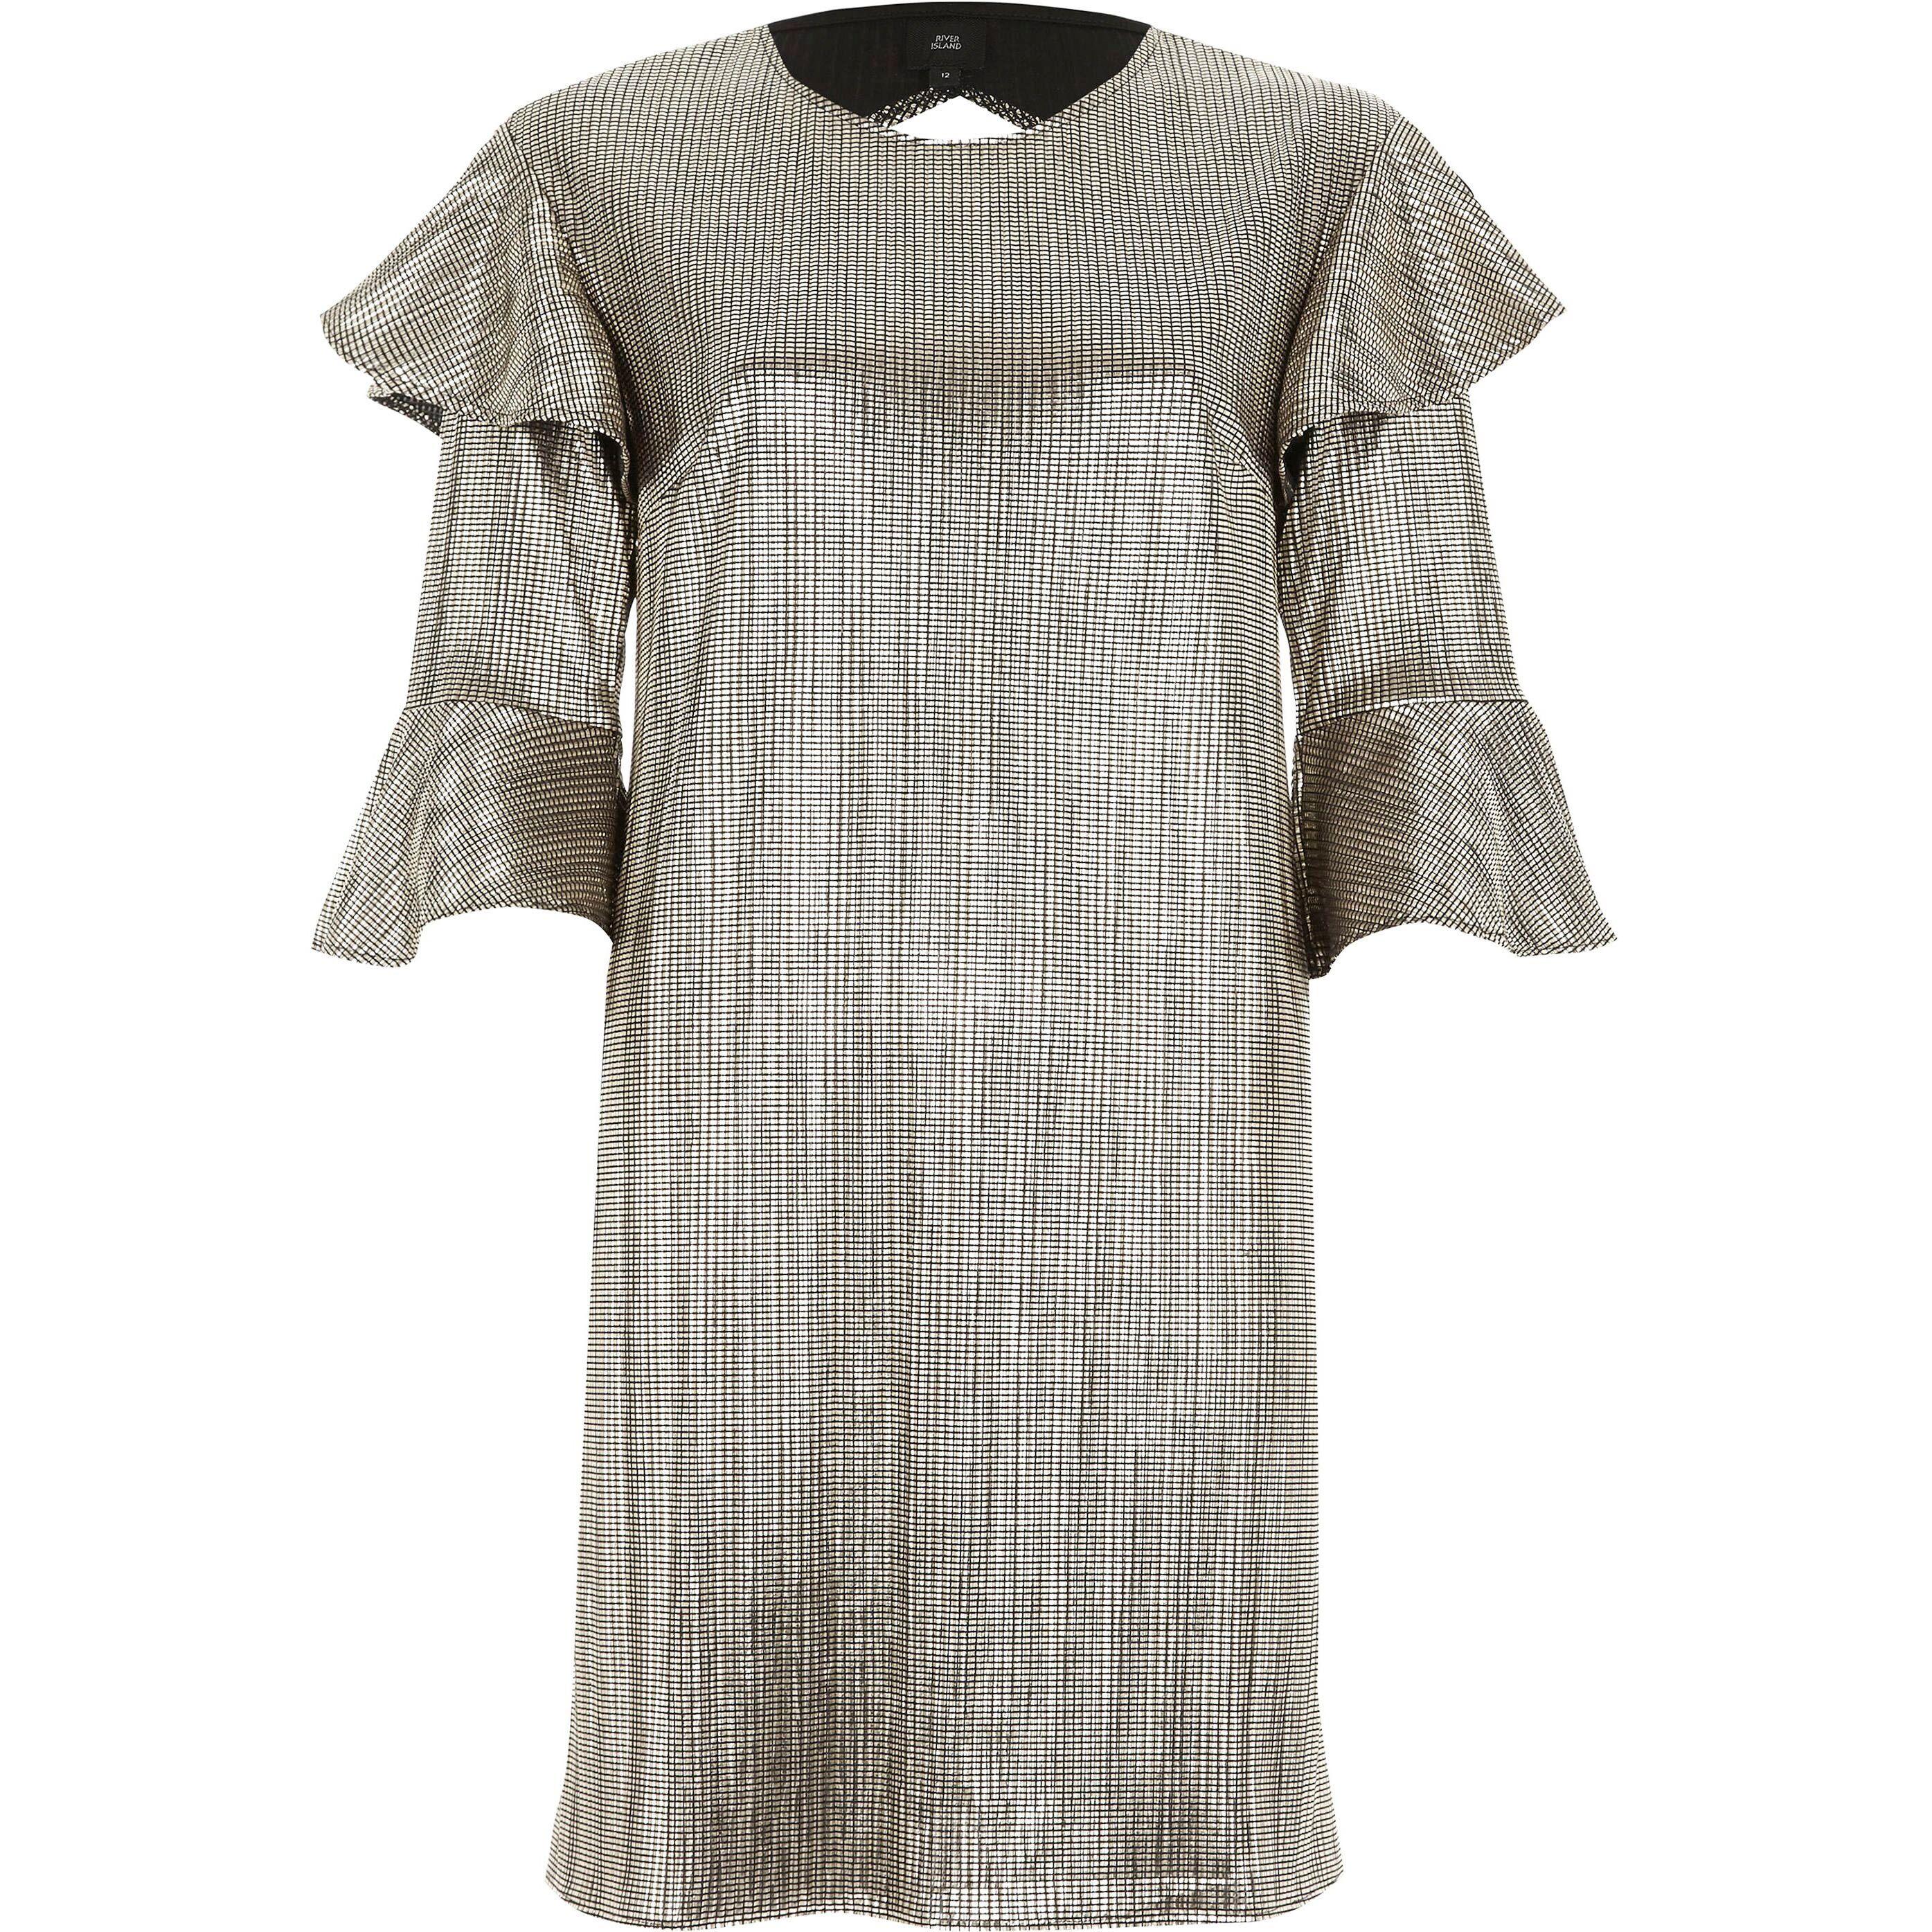 River Island Womens Gold foil frill T-shirt dress (6)